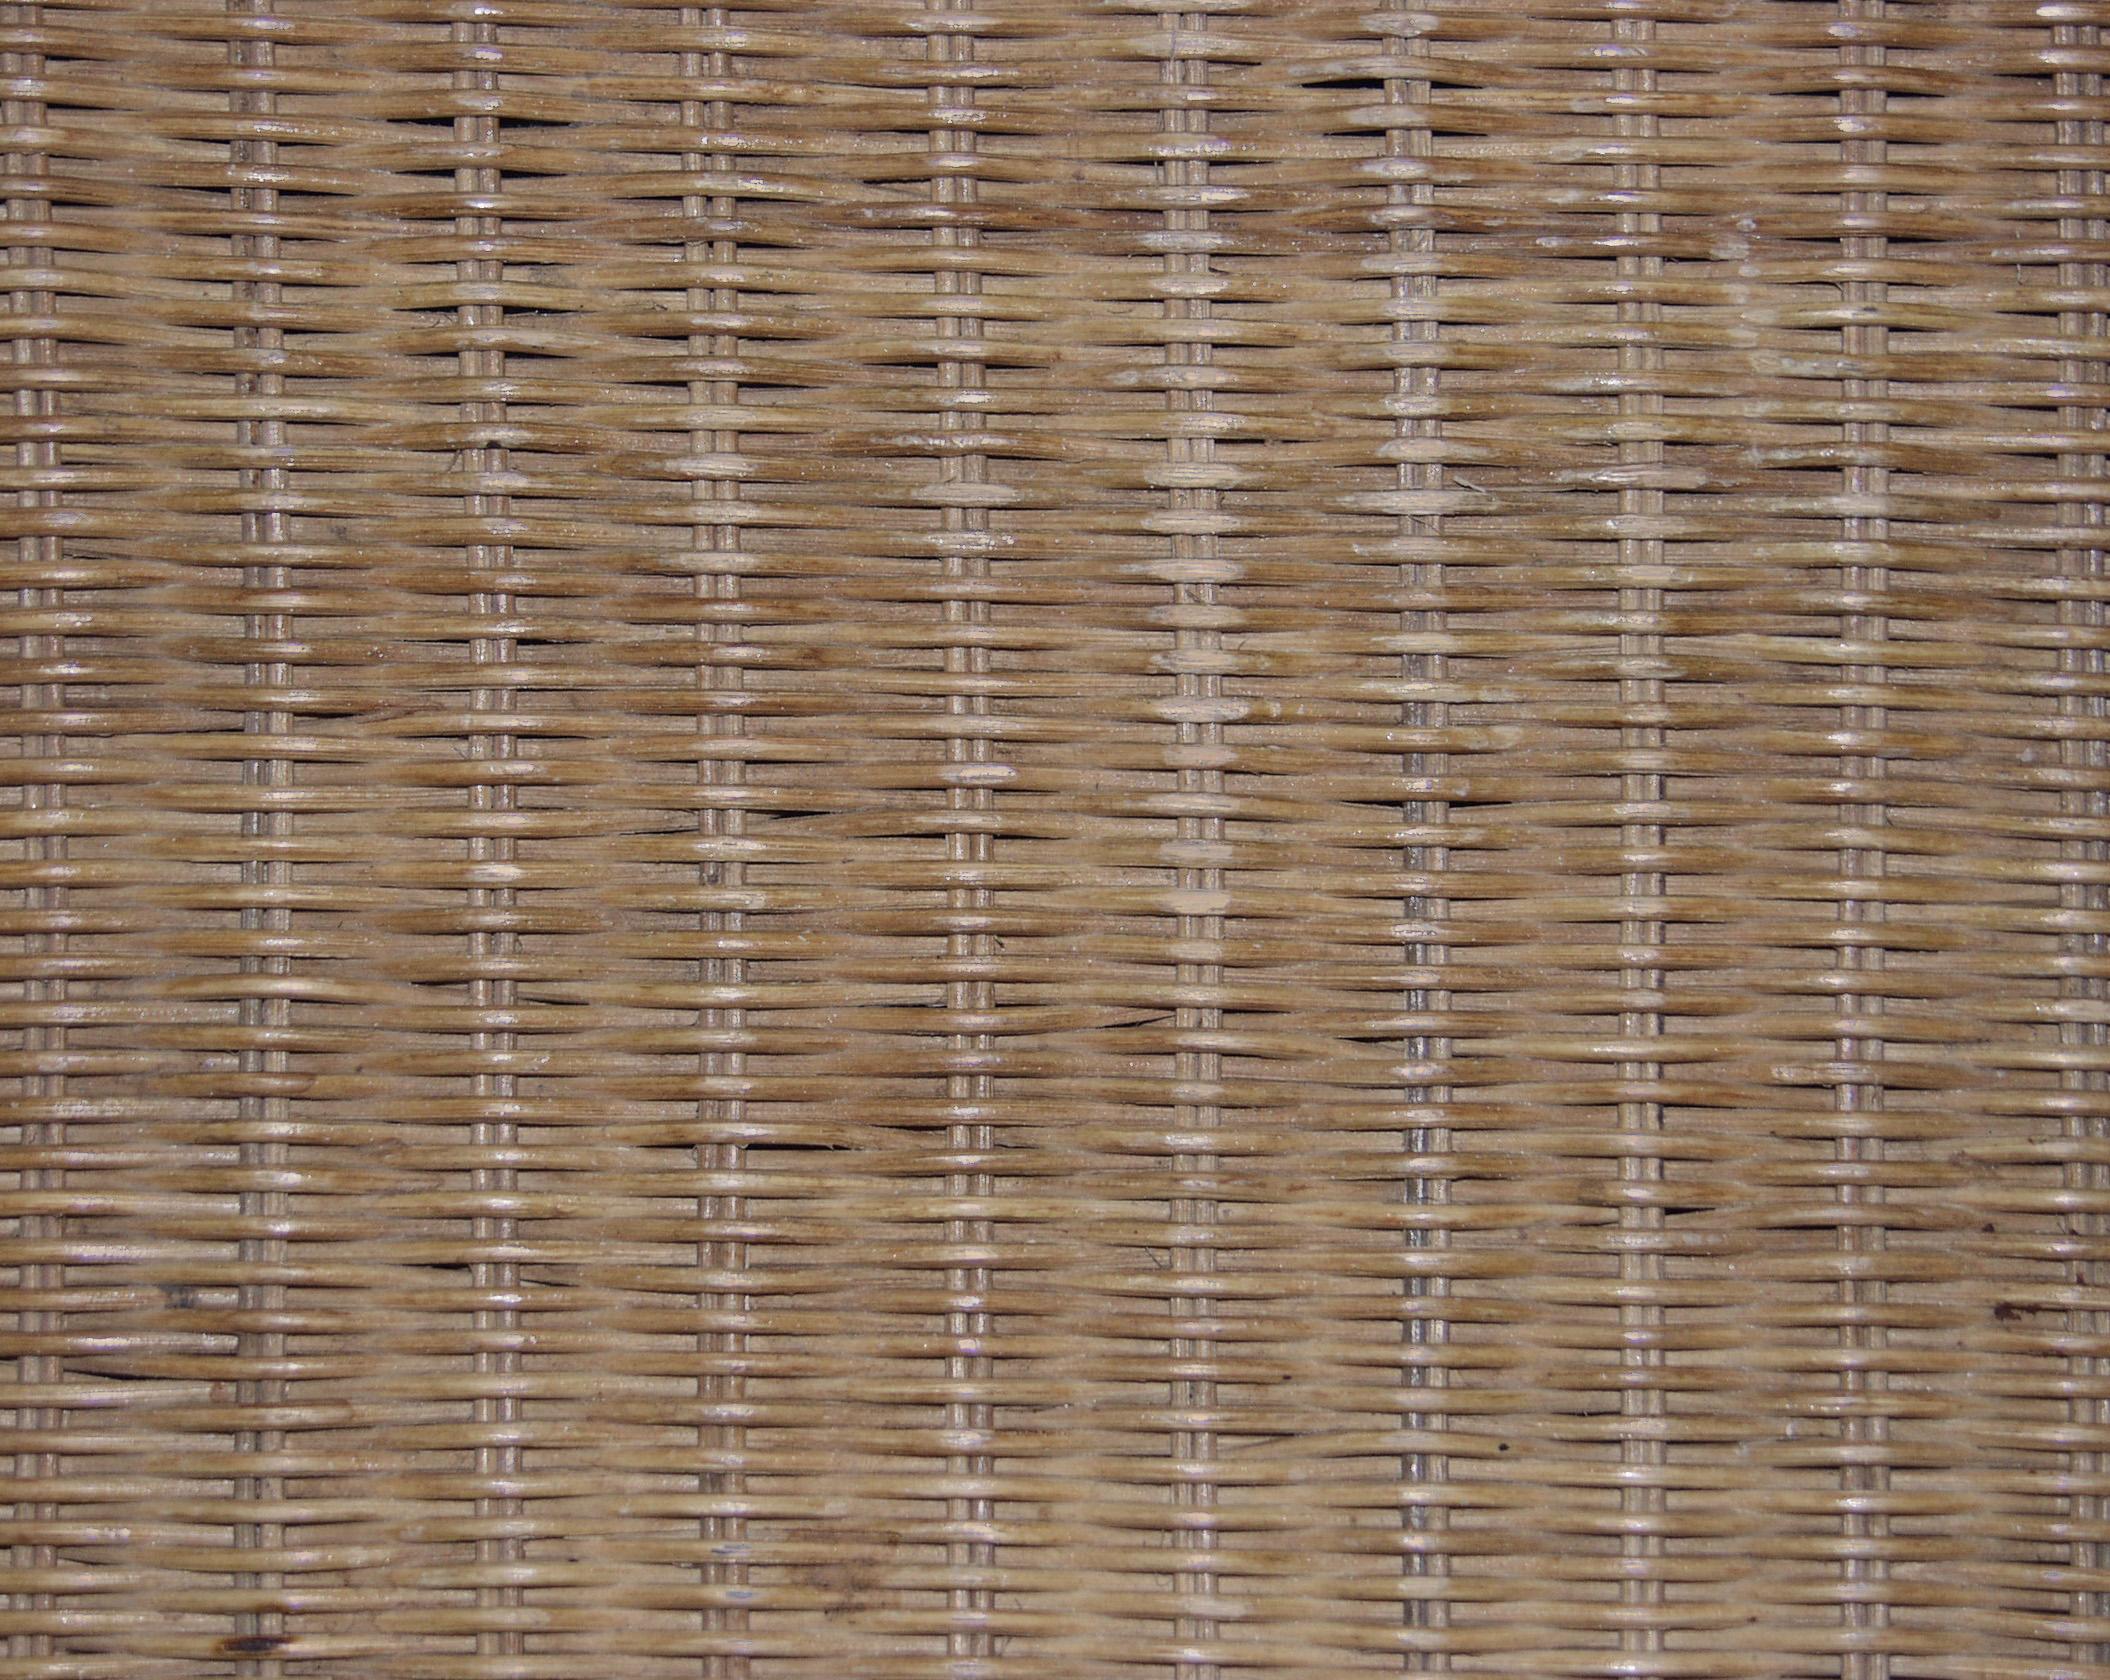 木材-编制品(7)